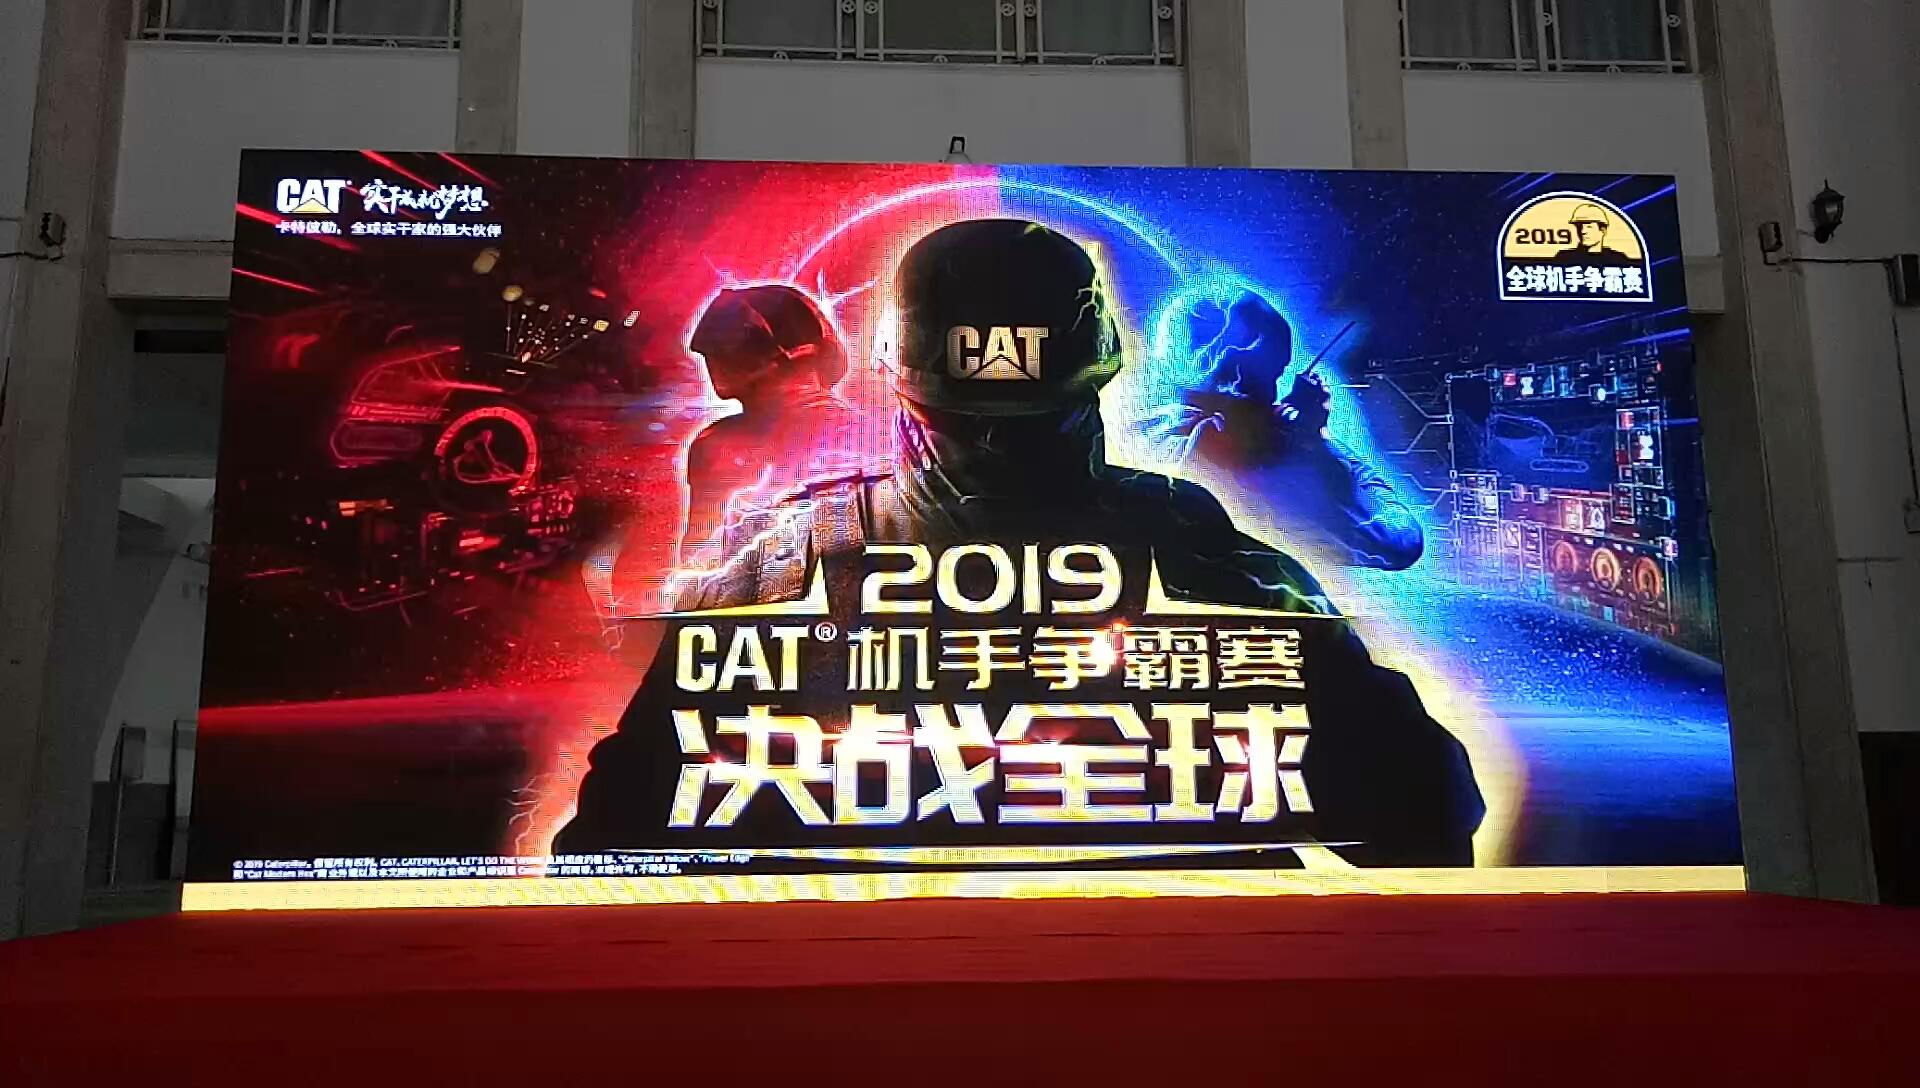 【视频征集】2019卡特全球机手争霸赛